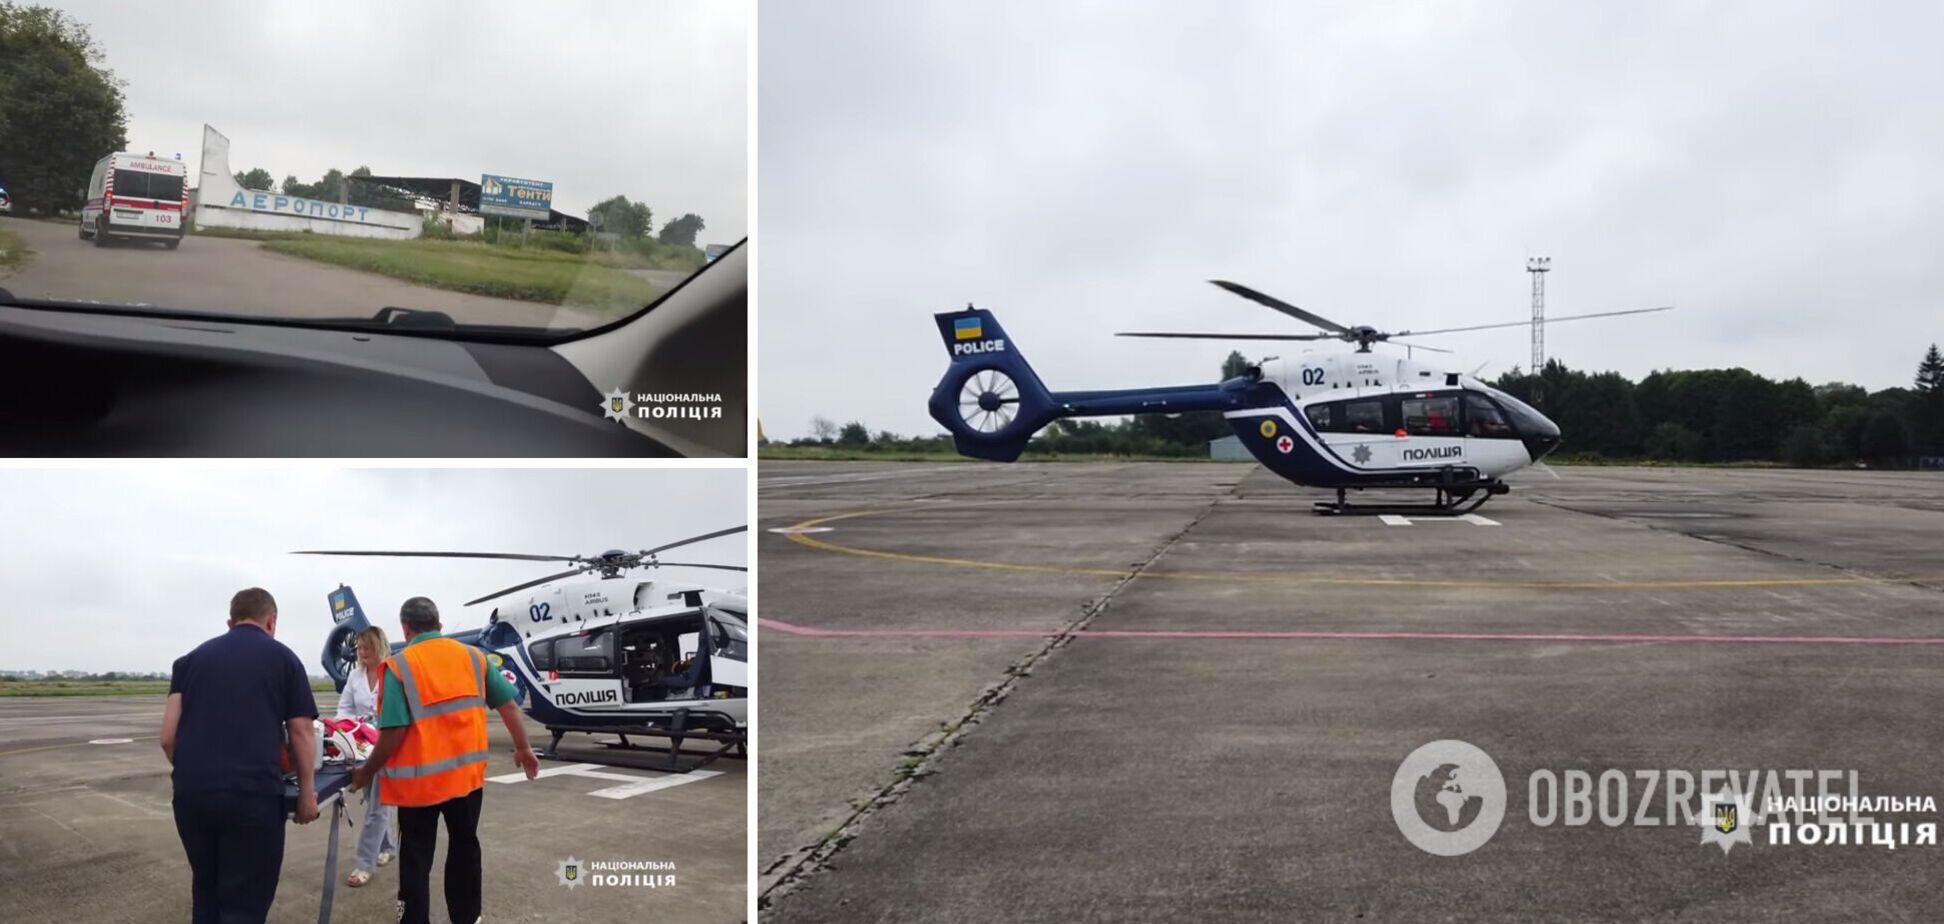 Ребенка вертолетом перевезли в столицу